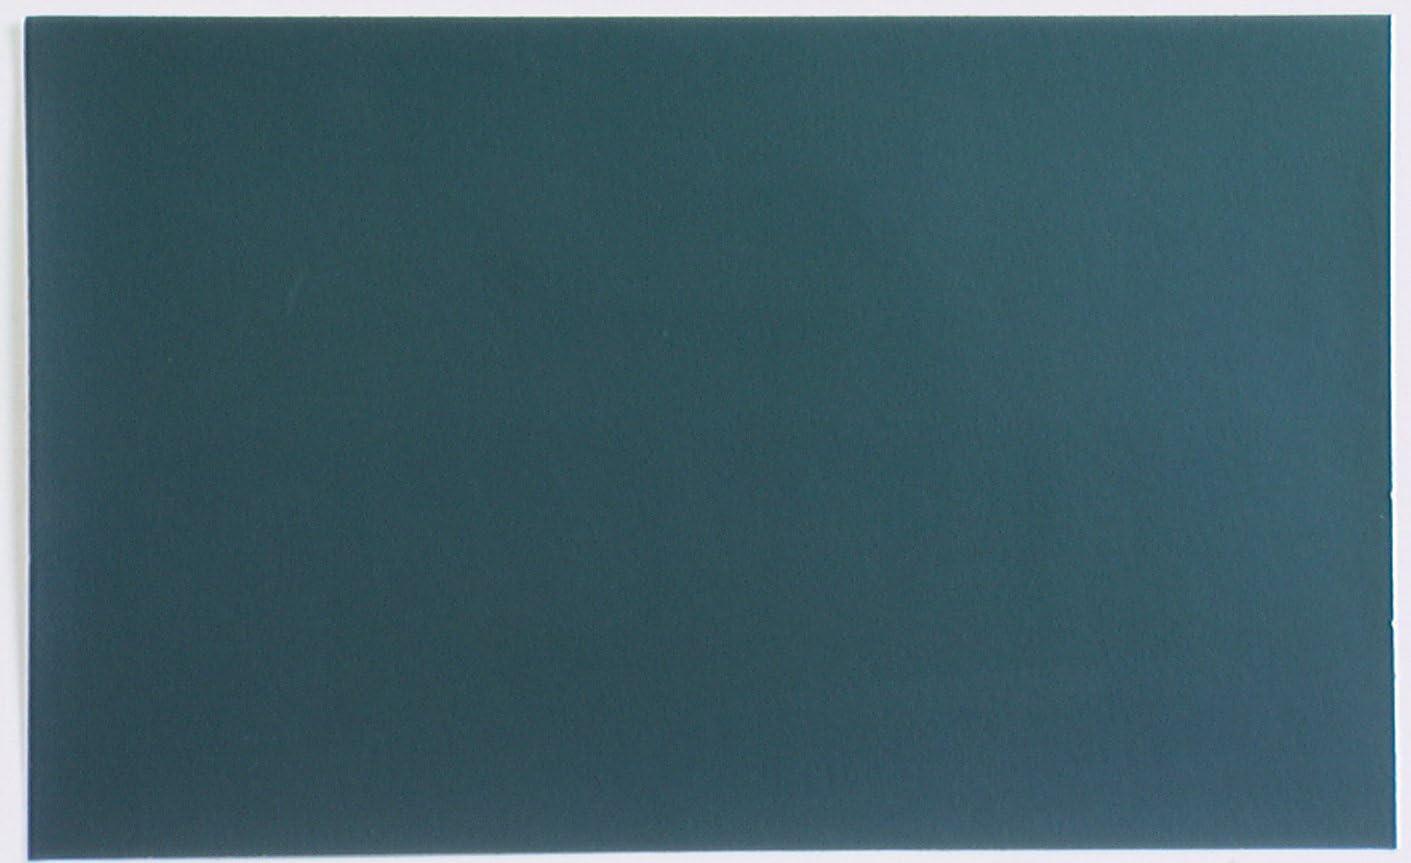 3m perfect-It III mouillé-papier abrasif nassschleifmittel p1500 étanche individuellement